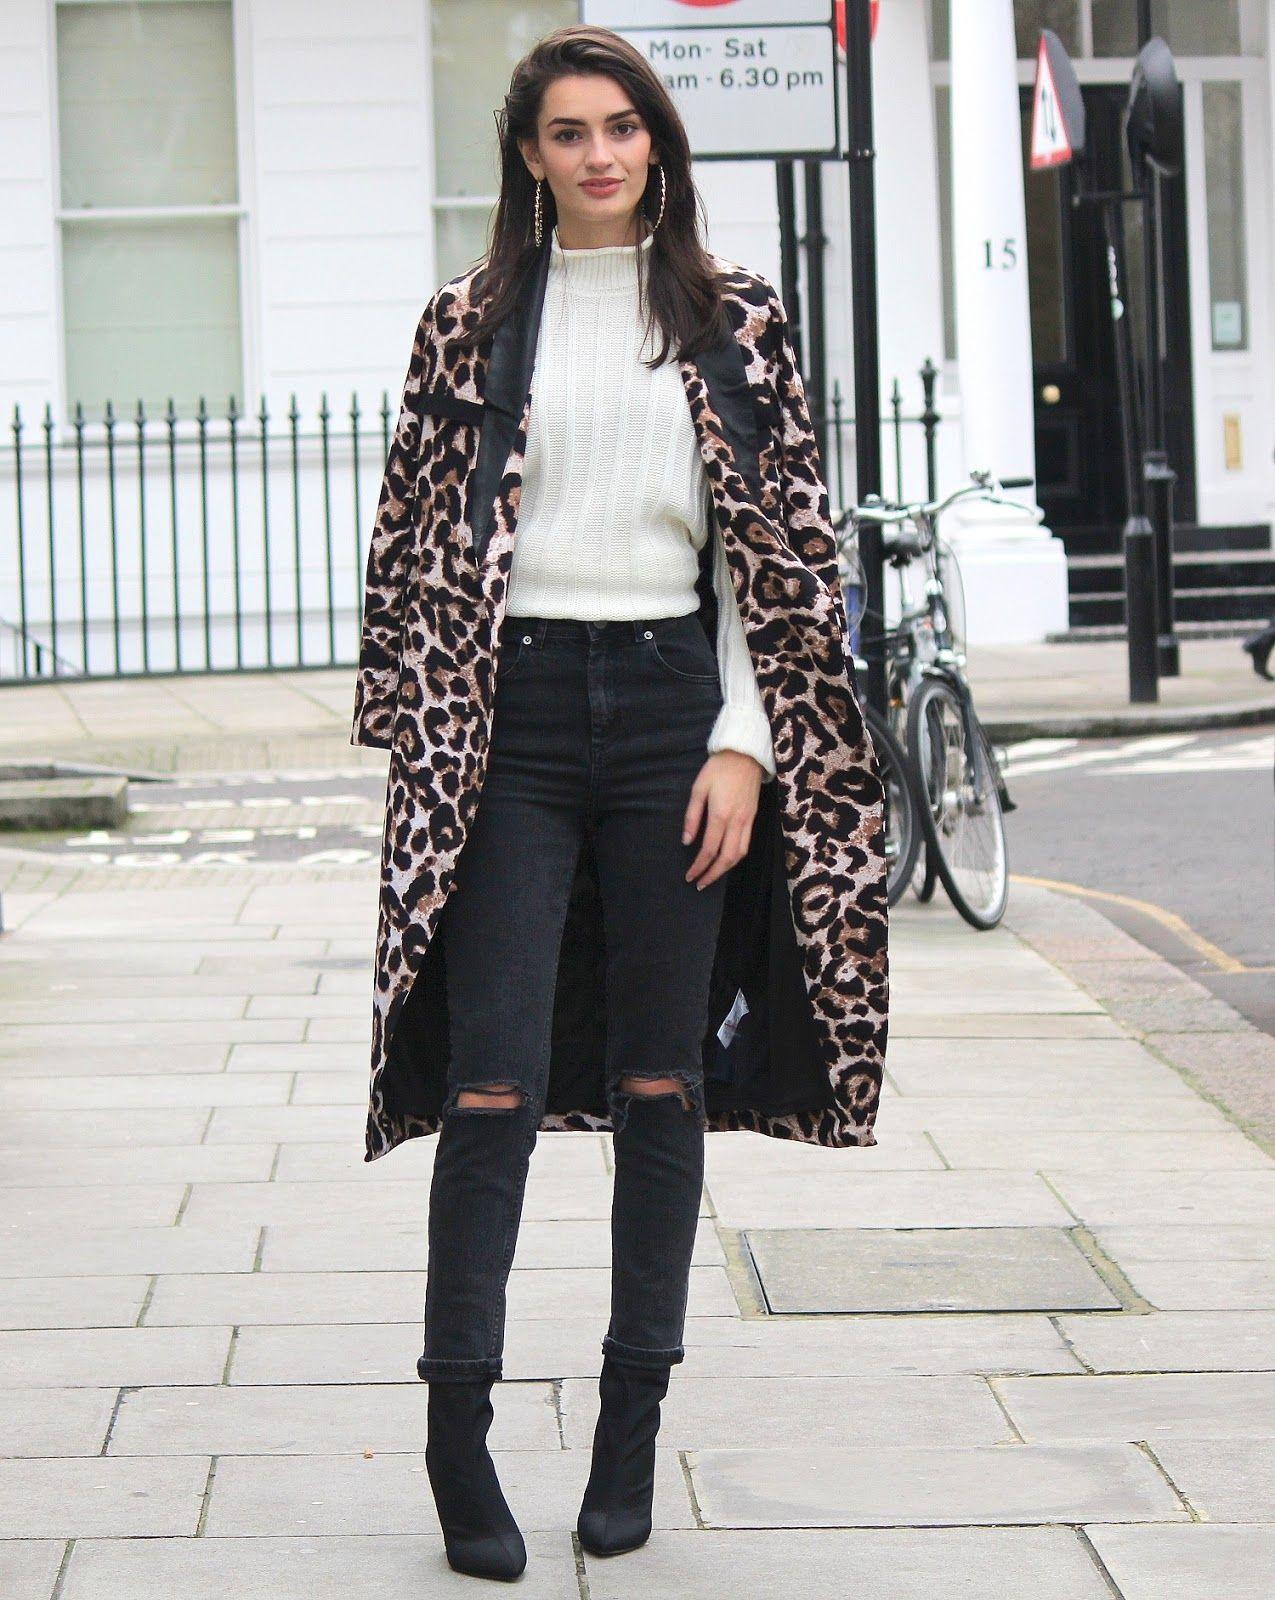 Coat Leopard Wonderful Look 2f8f12b508a6